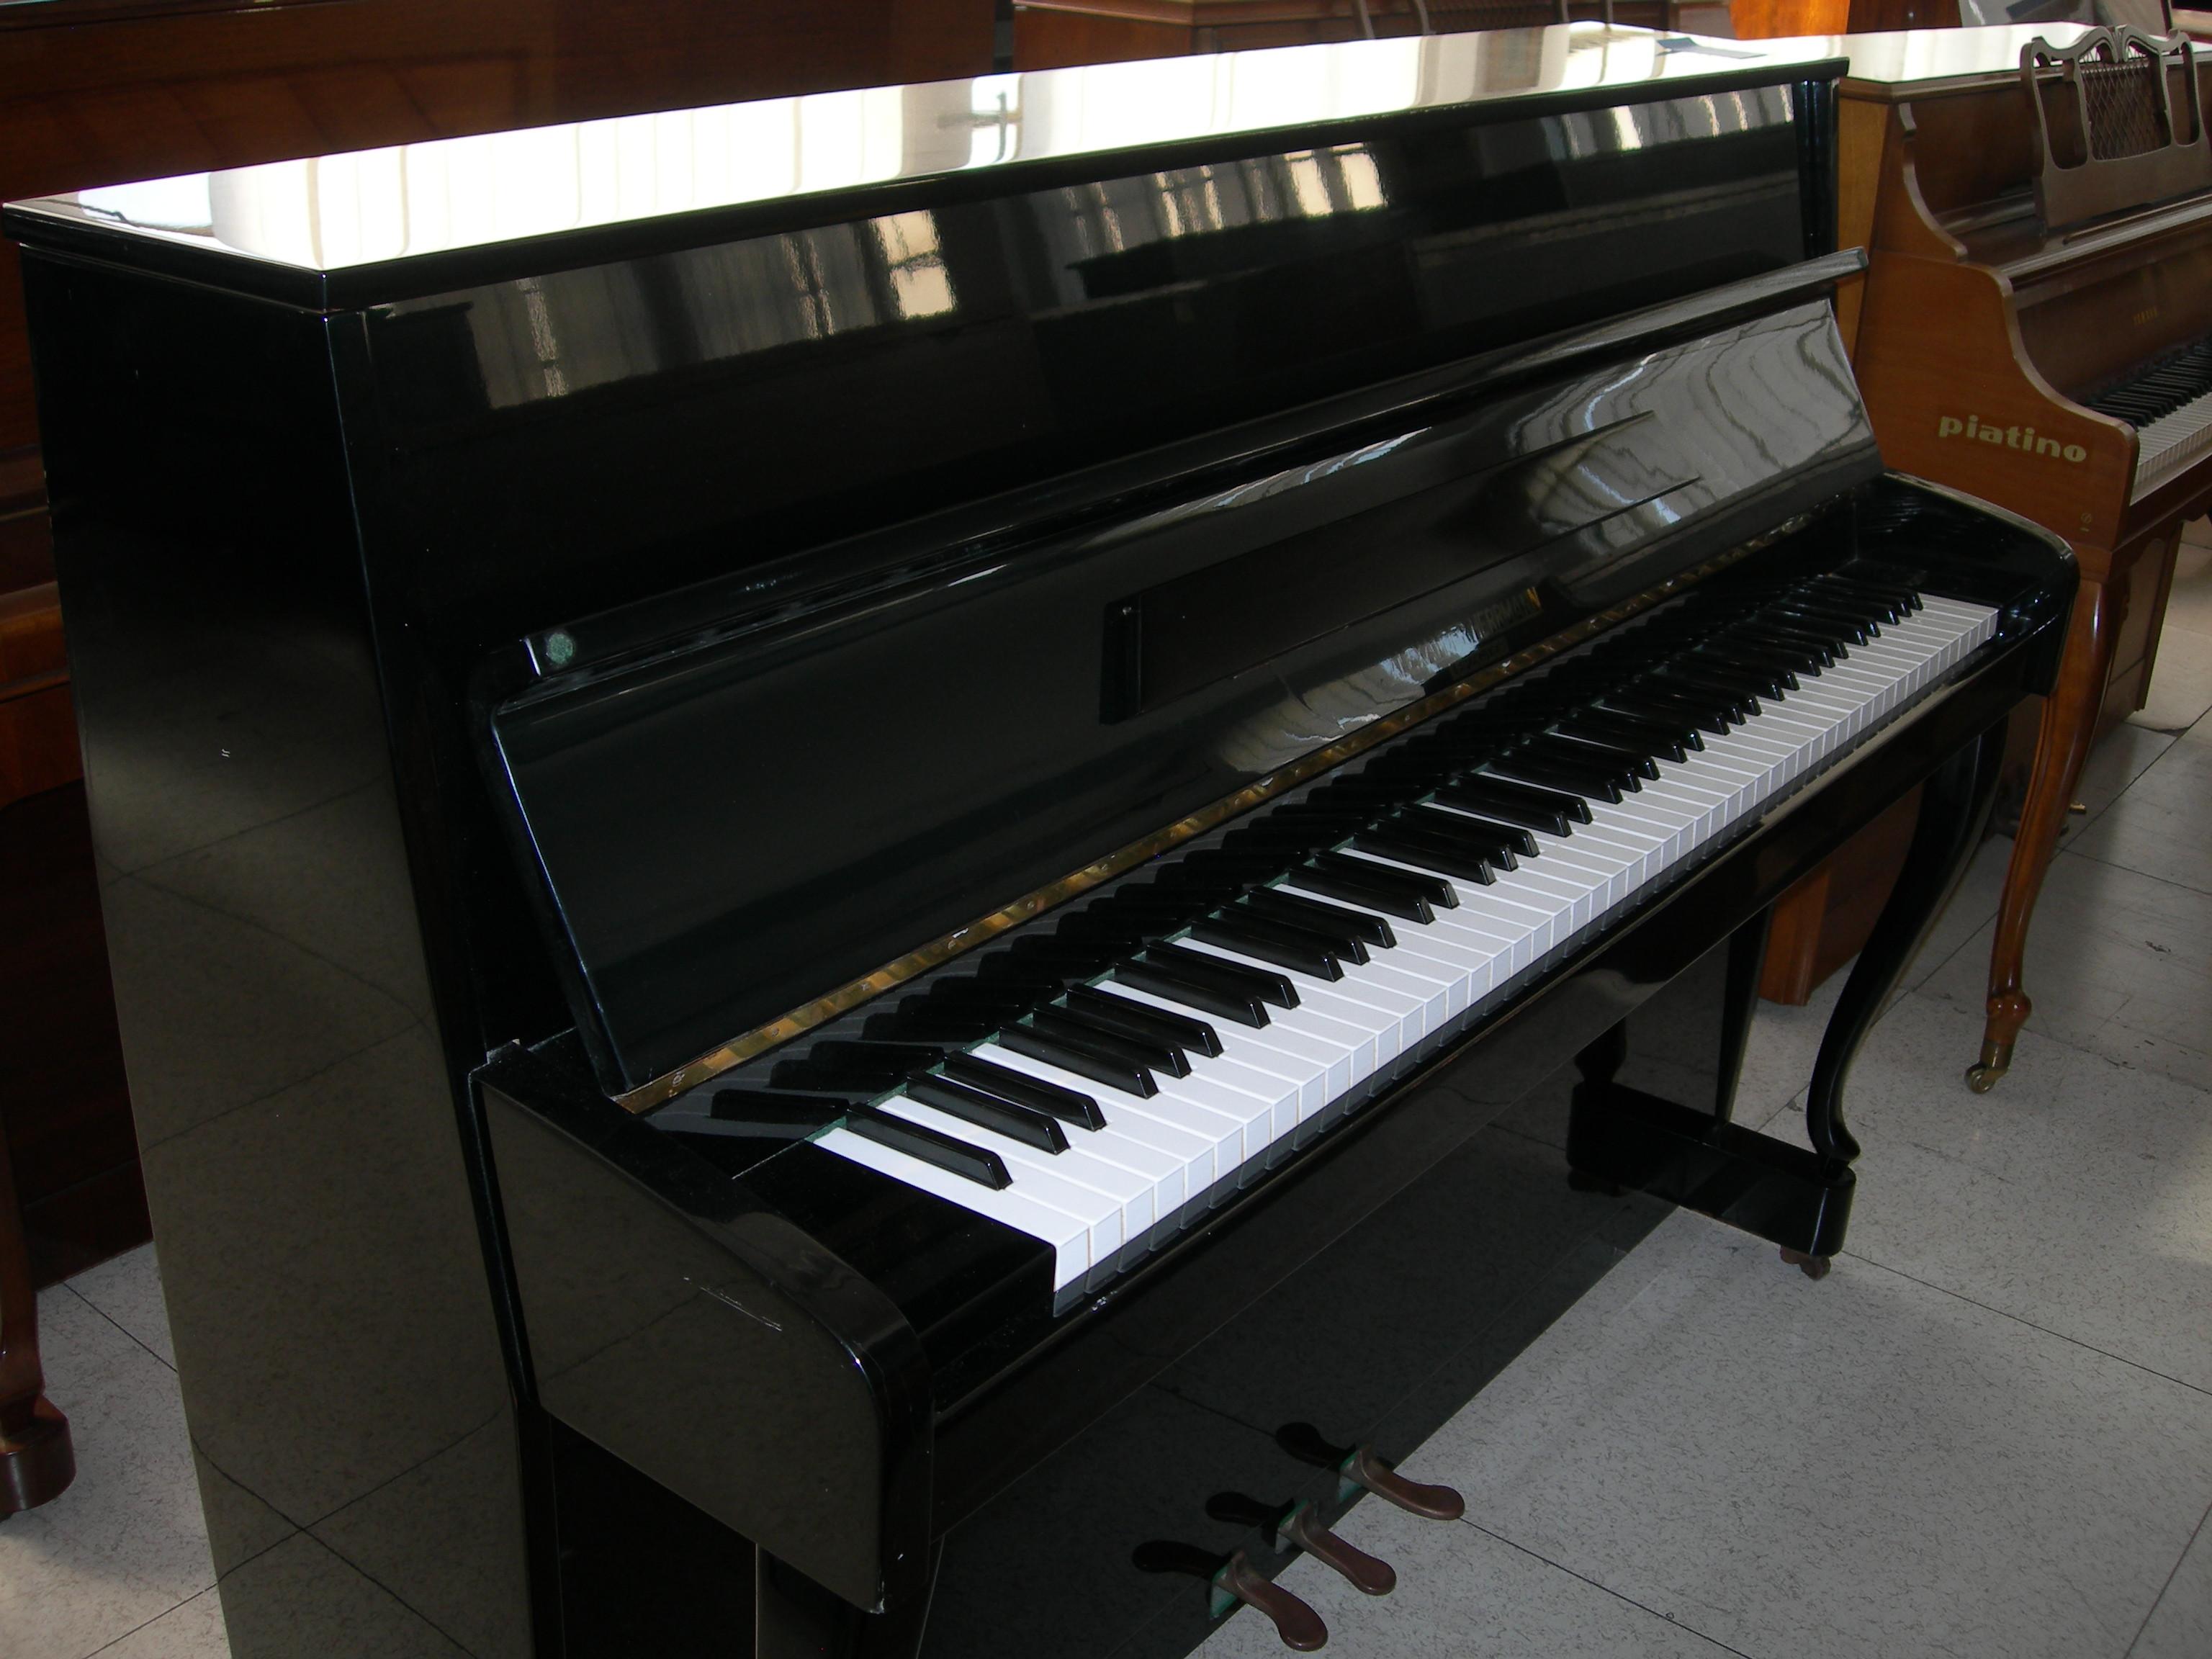 Pianoforti: Pianoforte verticale Hermann